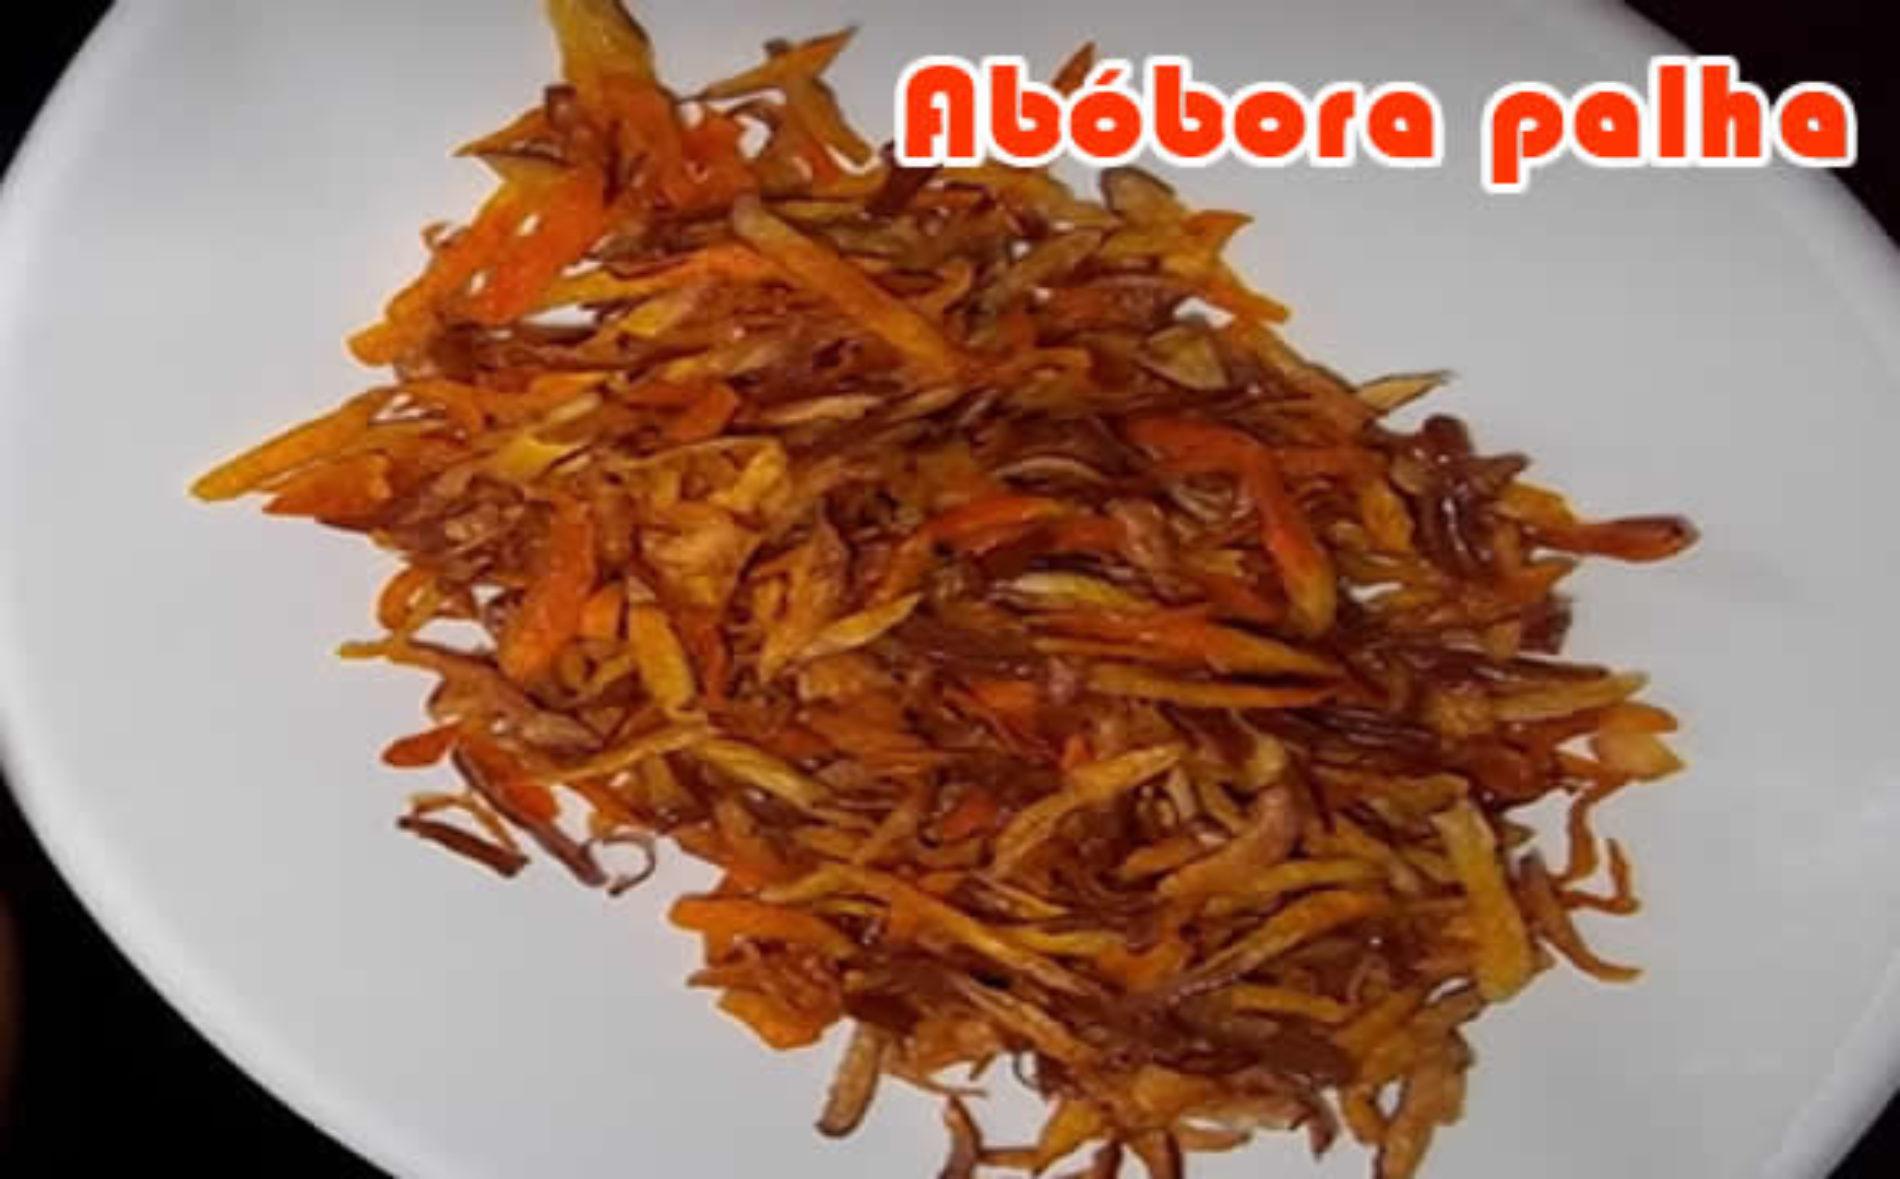 """Abóbora palha – A """"batata"""" palha light"""